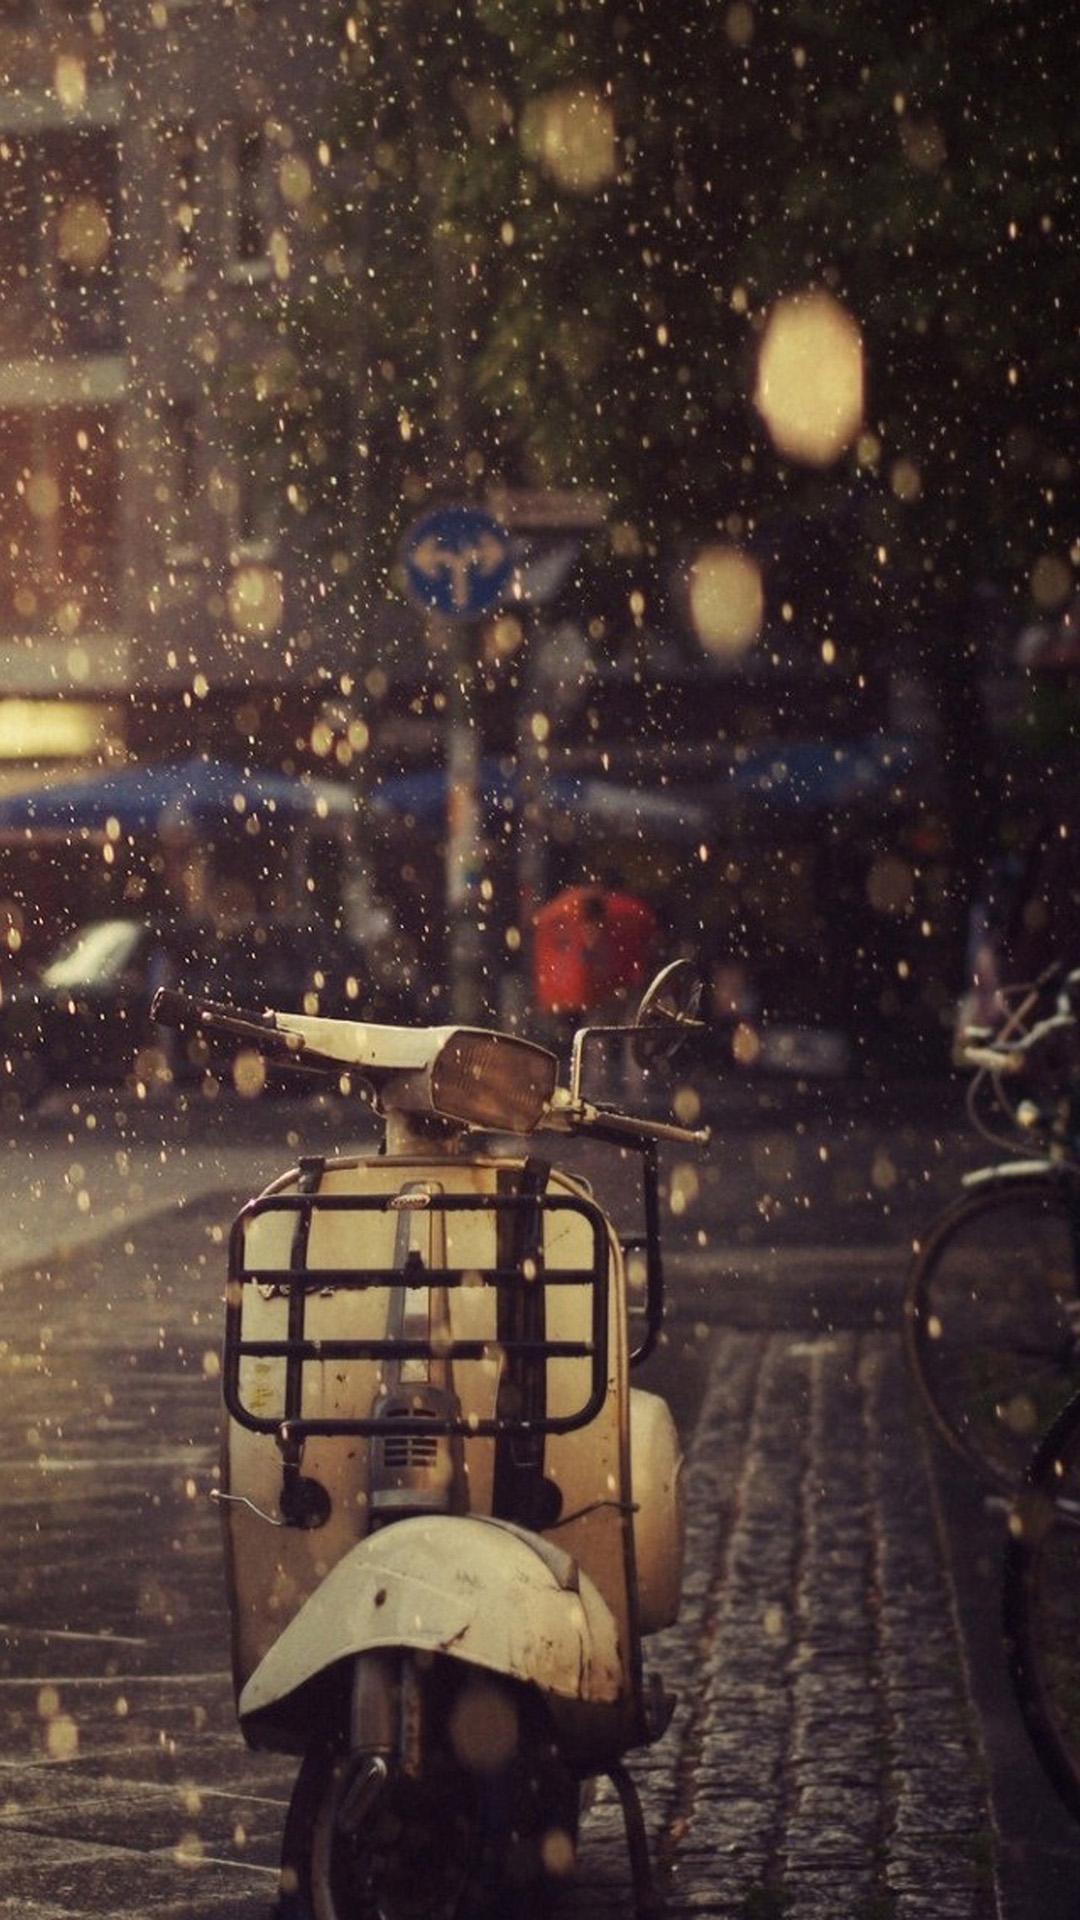 Wallpaper wednesday rain sammobile sammobile - Iphone wallpaper tumblr vintage ...